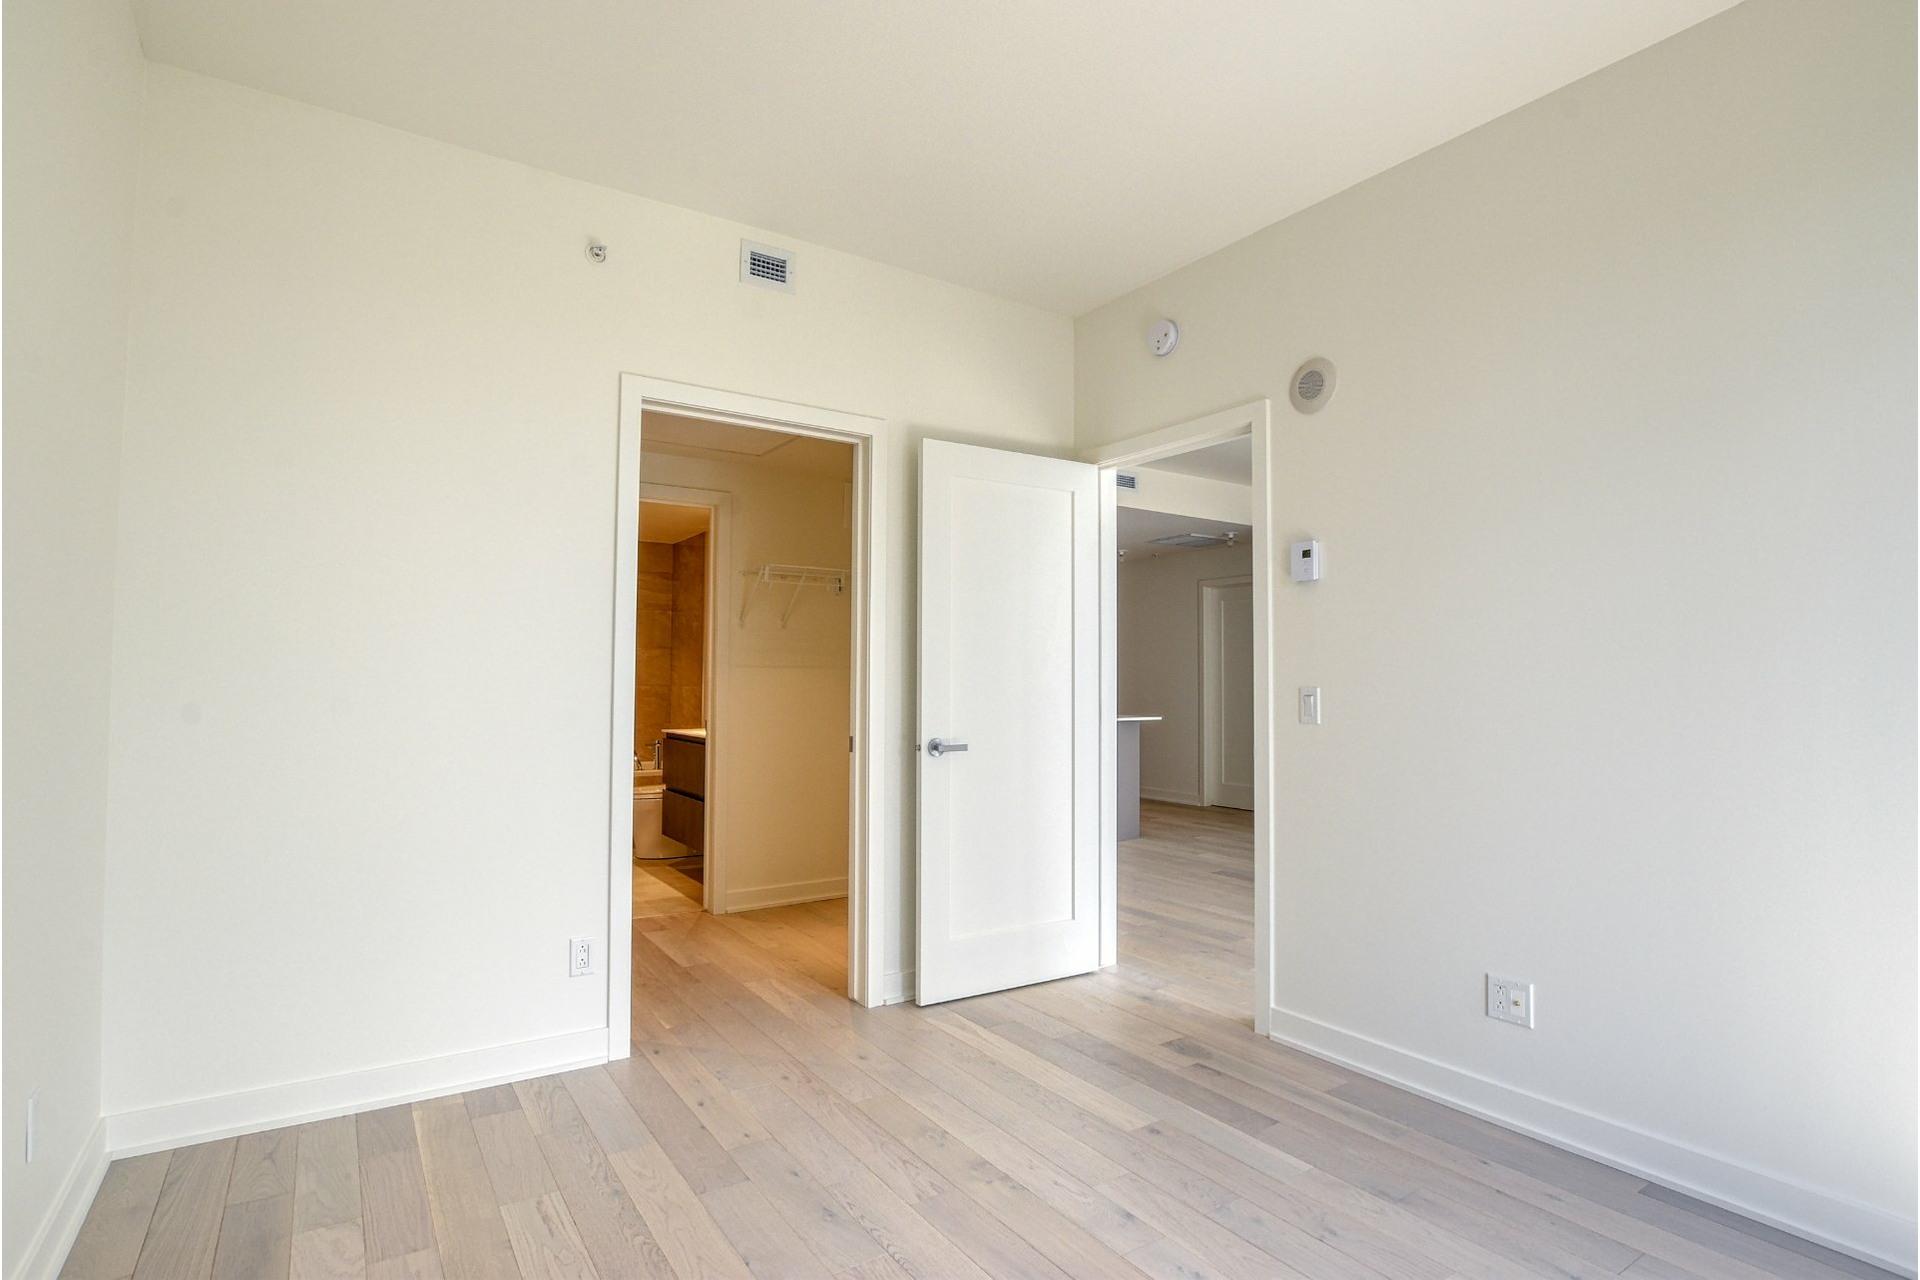 image 9 - Apartment For rent Verdun/Île-des-Soeurs Montréal  - 4 rooms